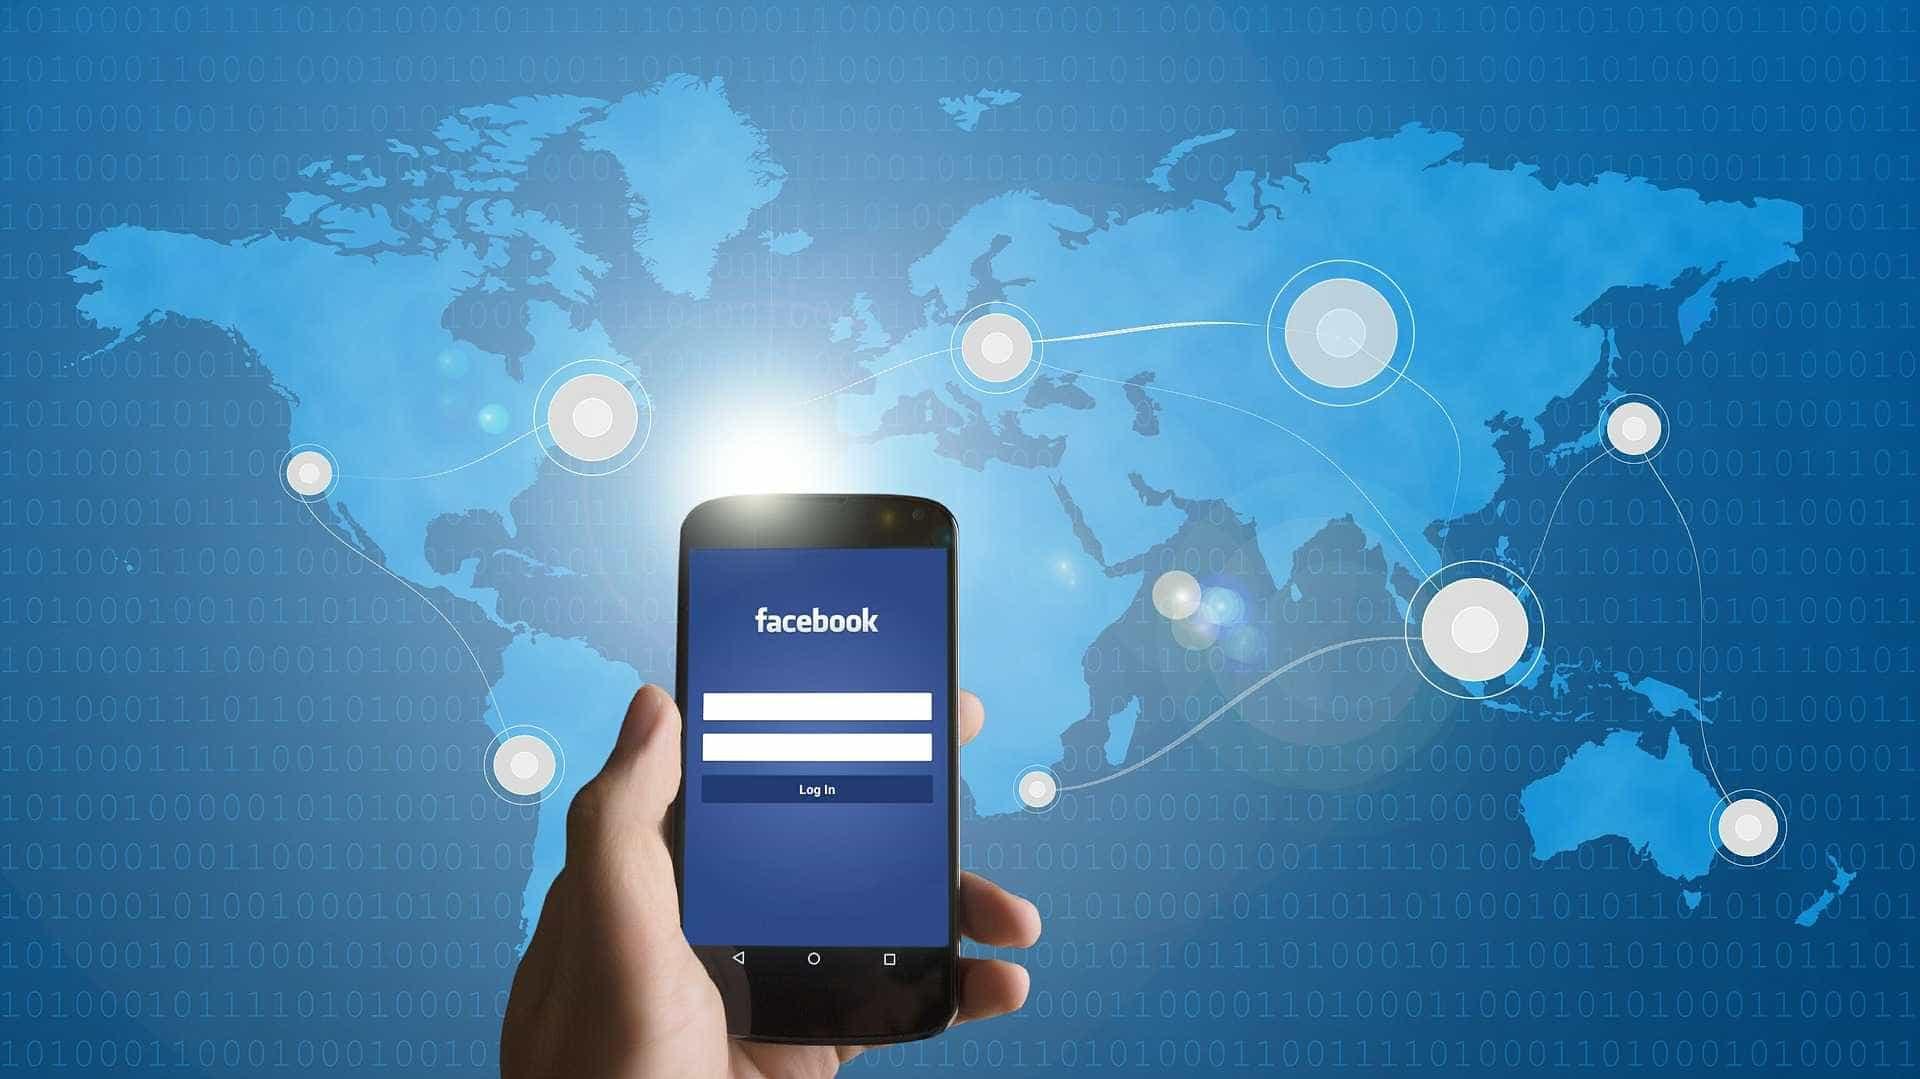 540 milhões de usuários do Facebook tiveram dados expostos em servidor